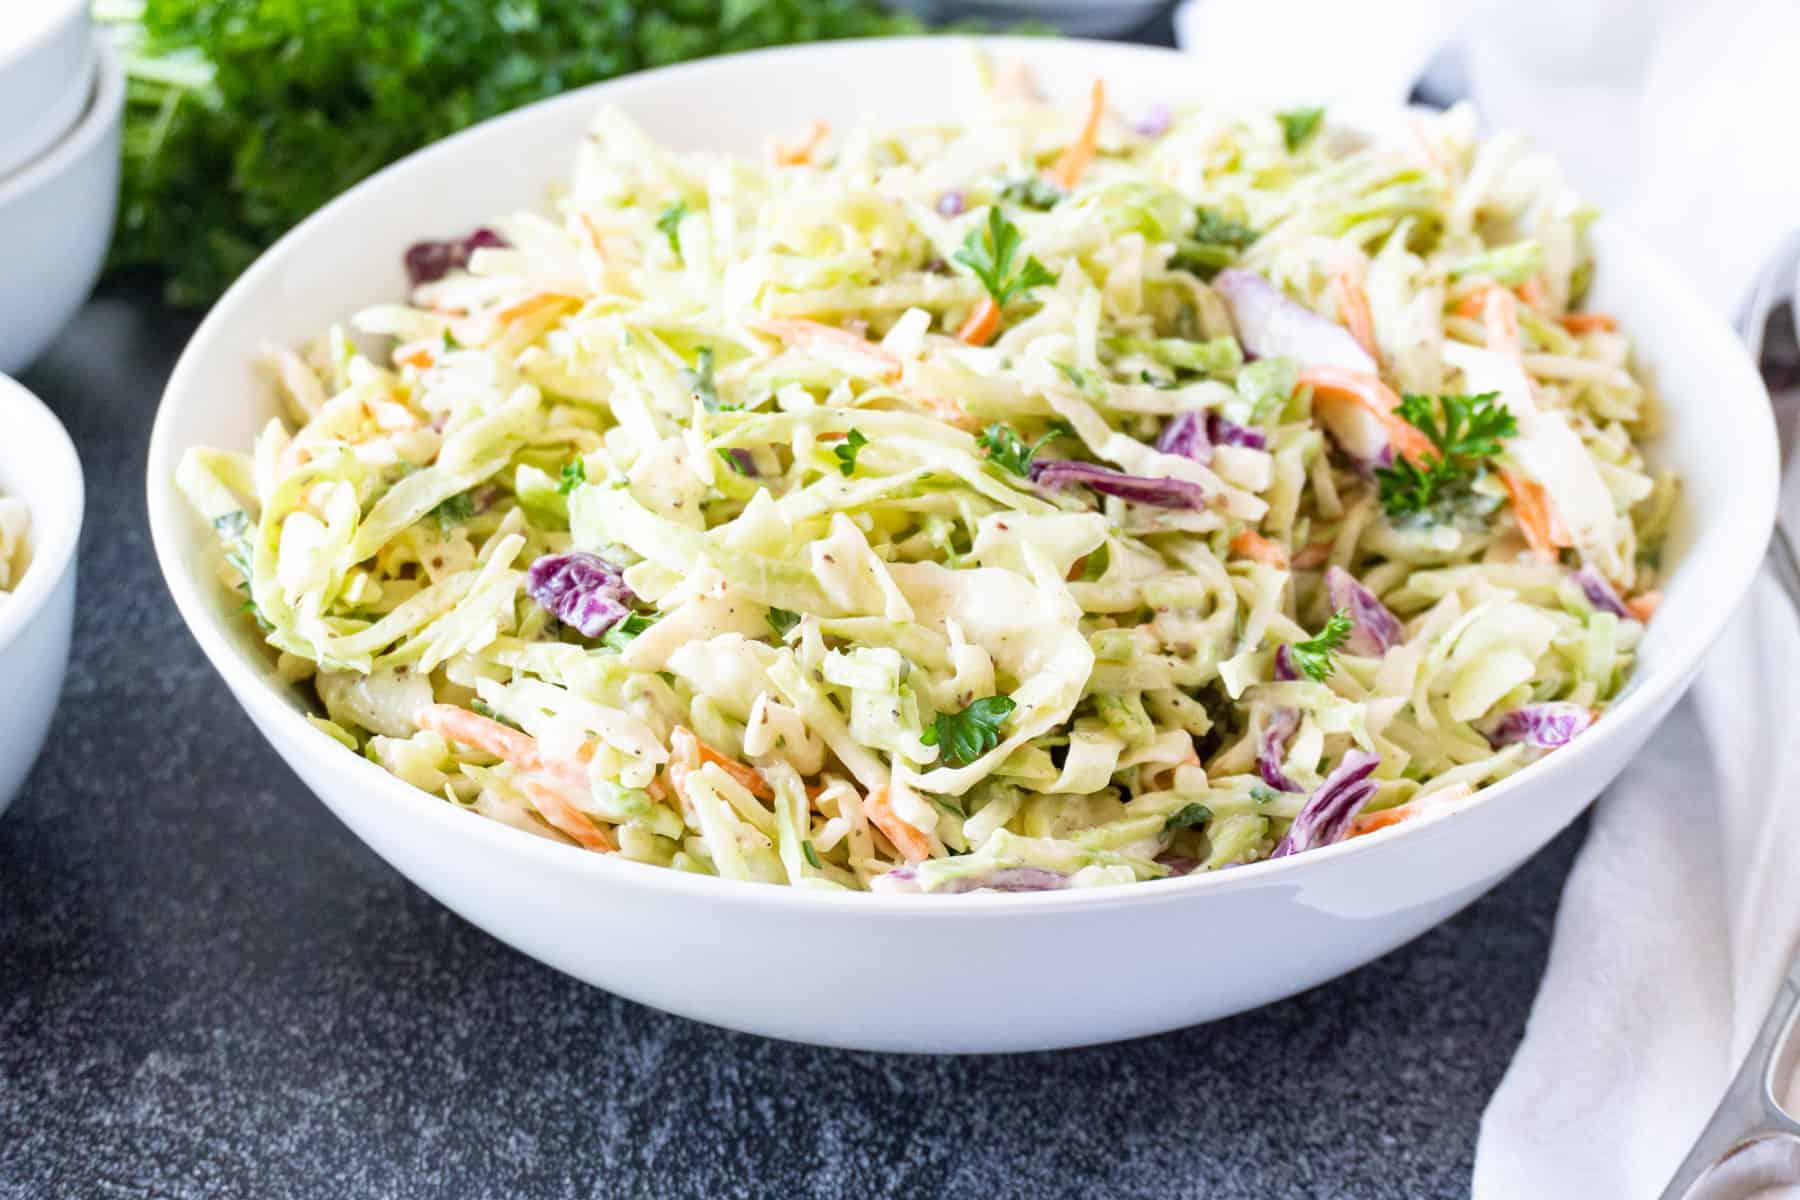 broccoli slaw in large white bowl